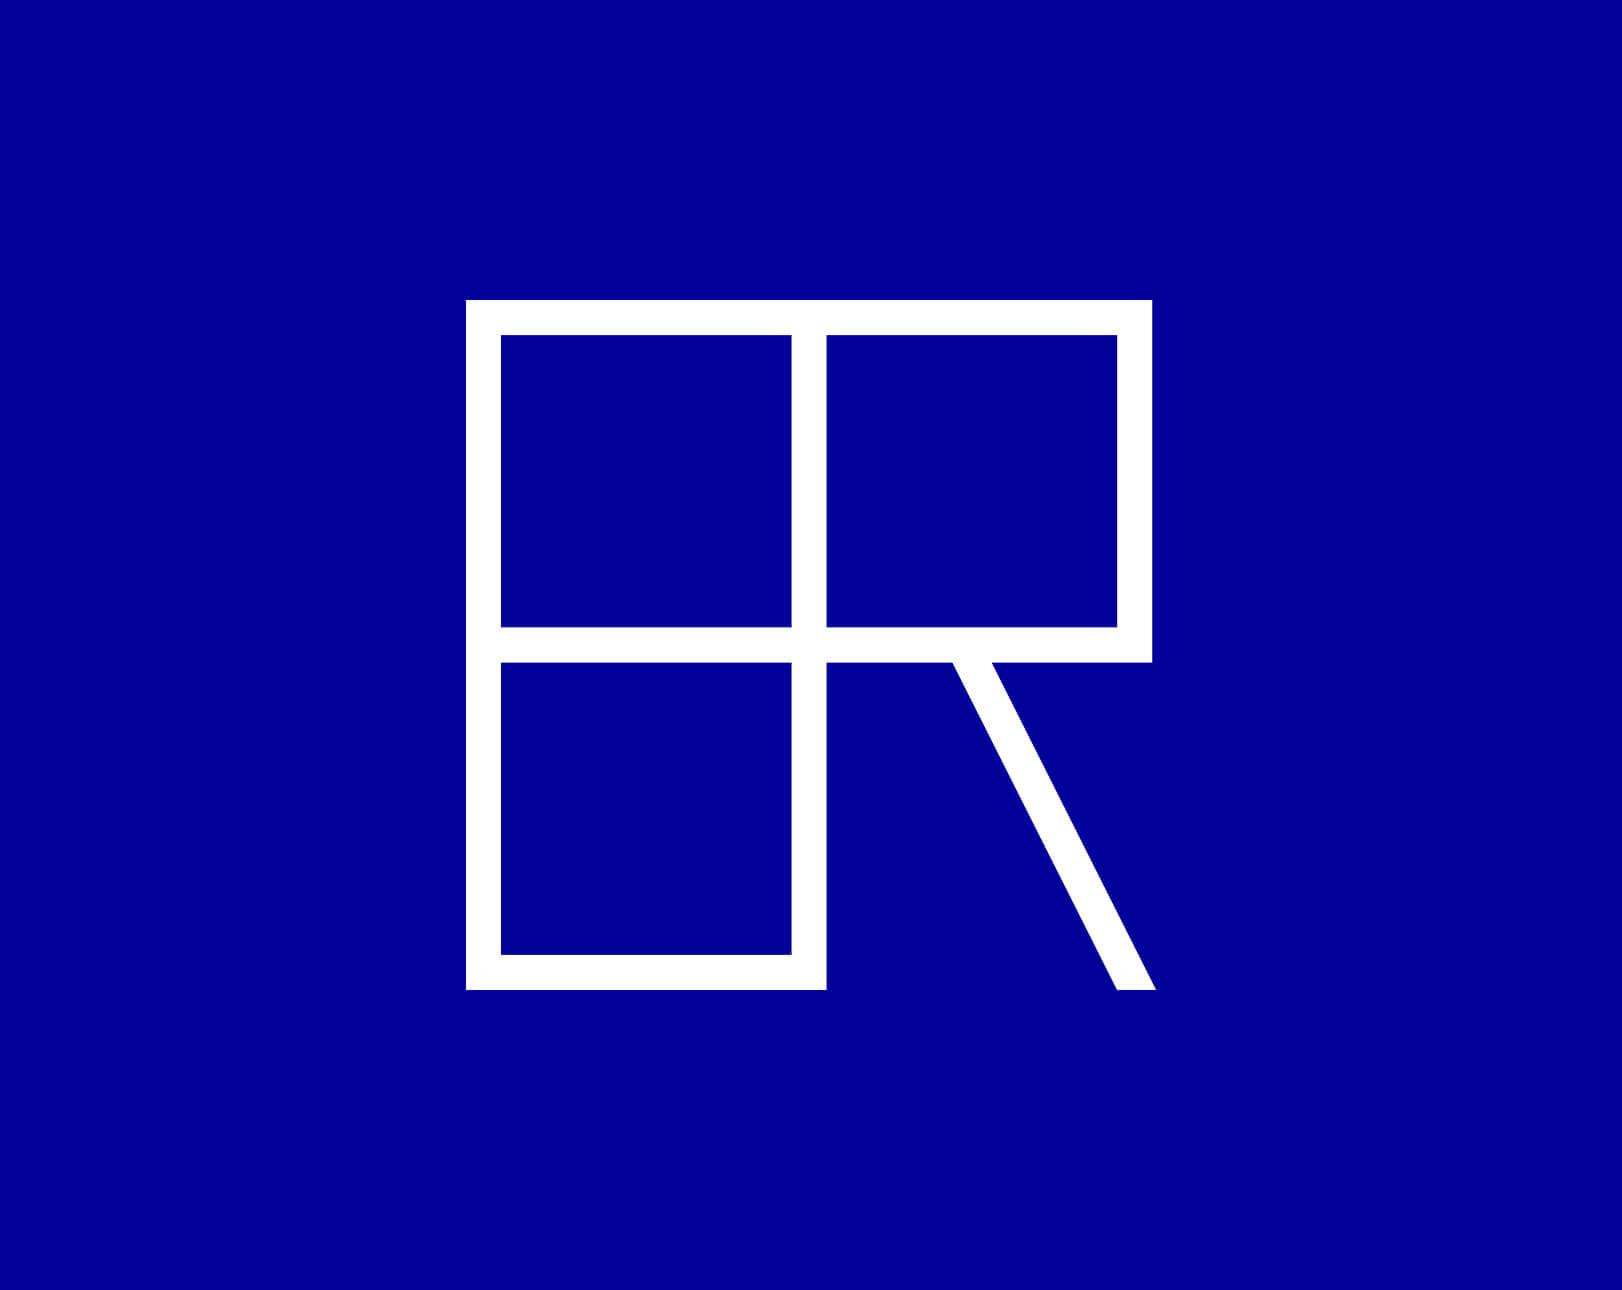 Beissel & Ruppert - Corporate & Web